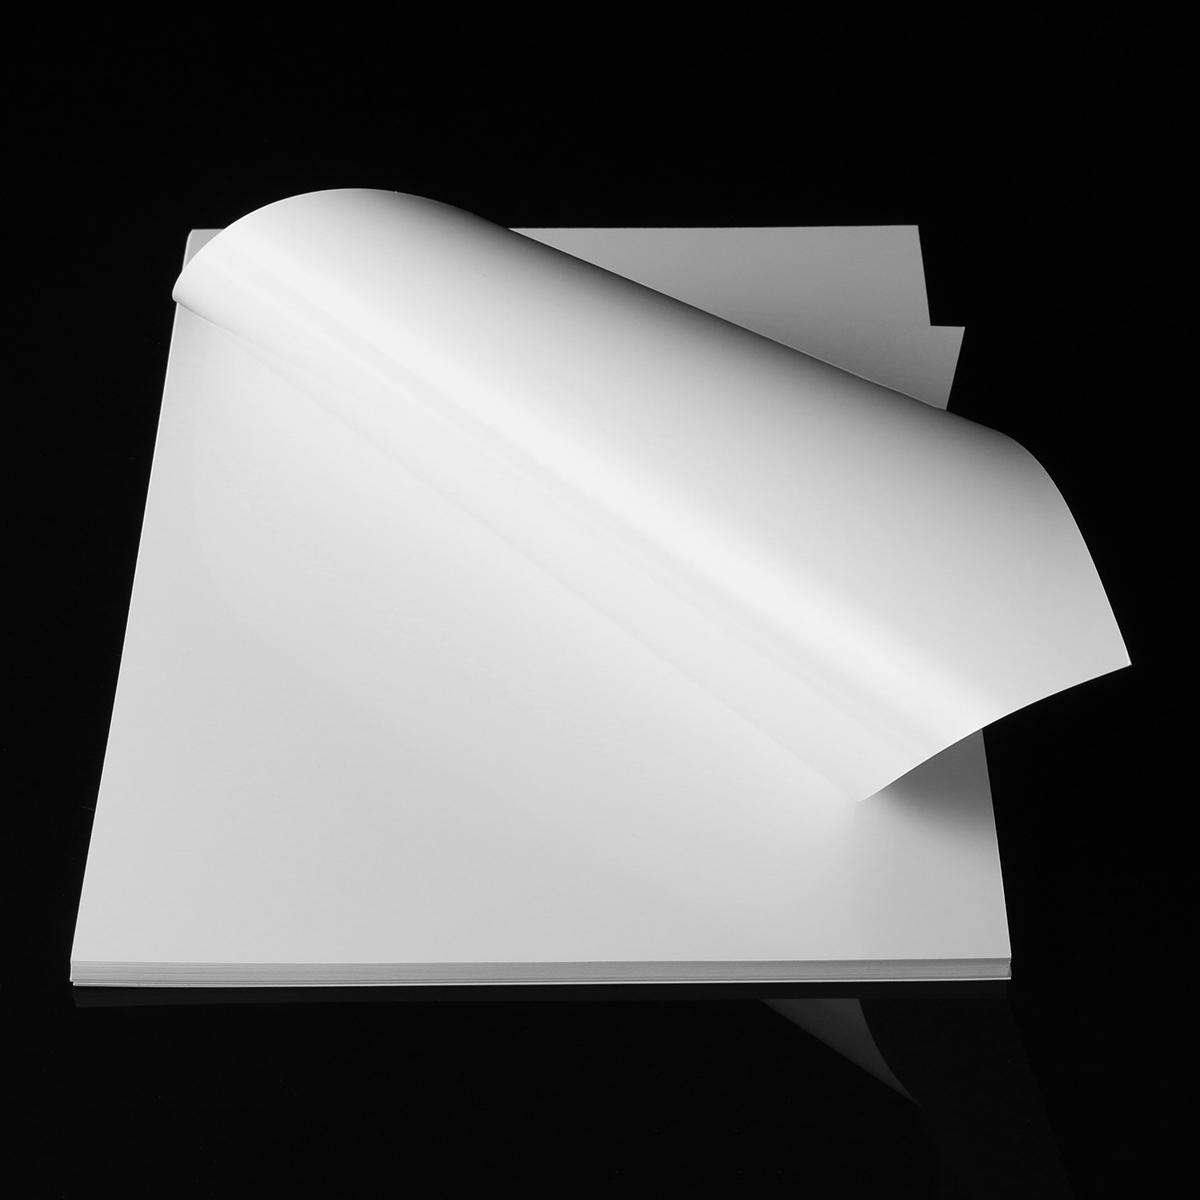 tempsa 20 feuilles a4 8 3x11 7 39 39 lisse papier photo pour laser imprimante jet d 39 encre 260g. Black Bedroom Furniture Sets. Home Design Ideas